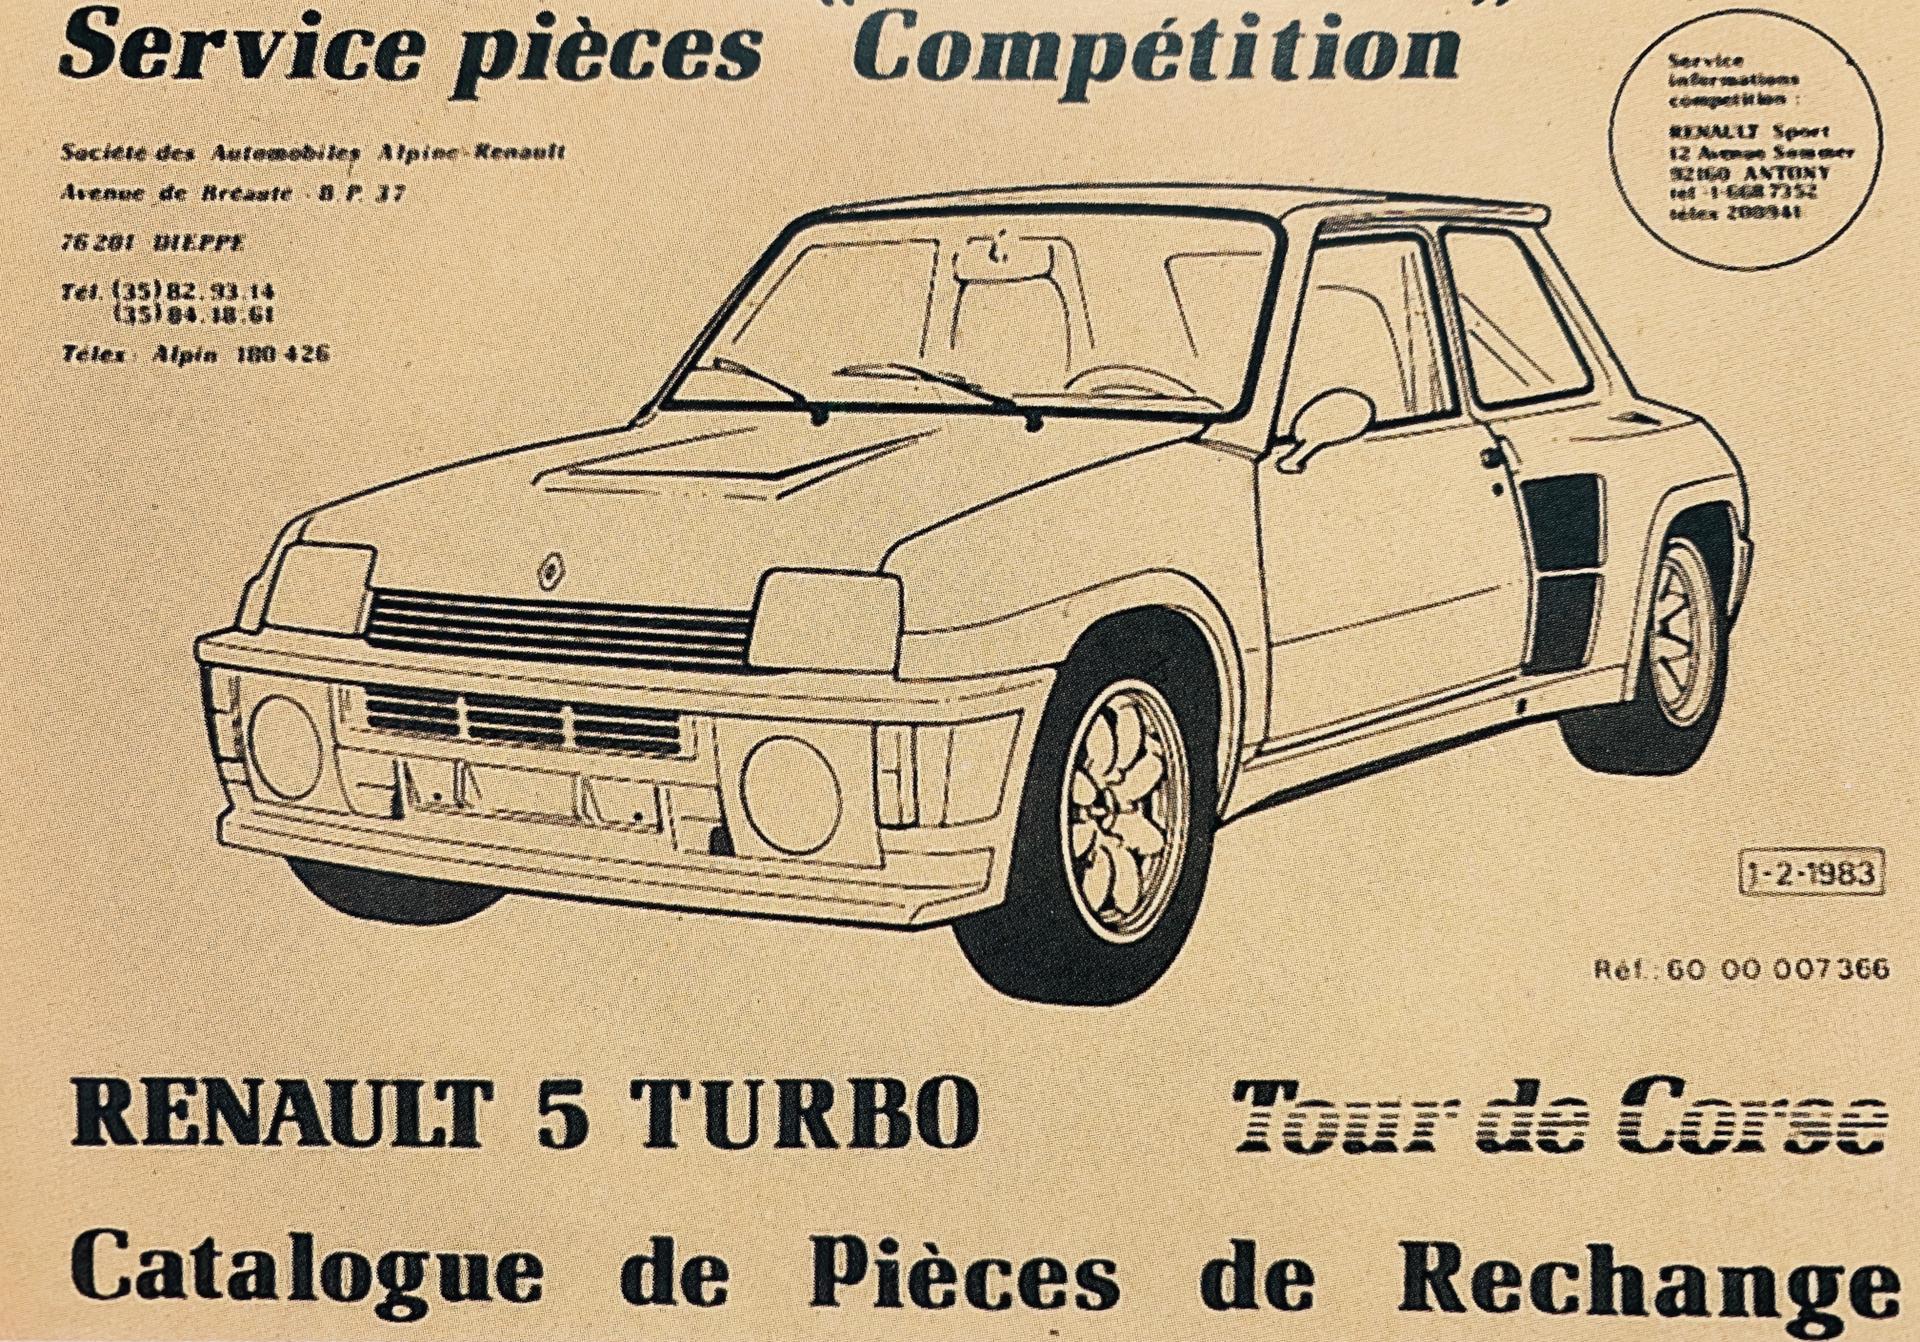 Renault 5 Turbo Tour de Course catálogo de peças